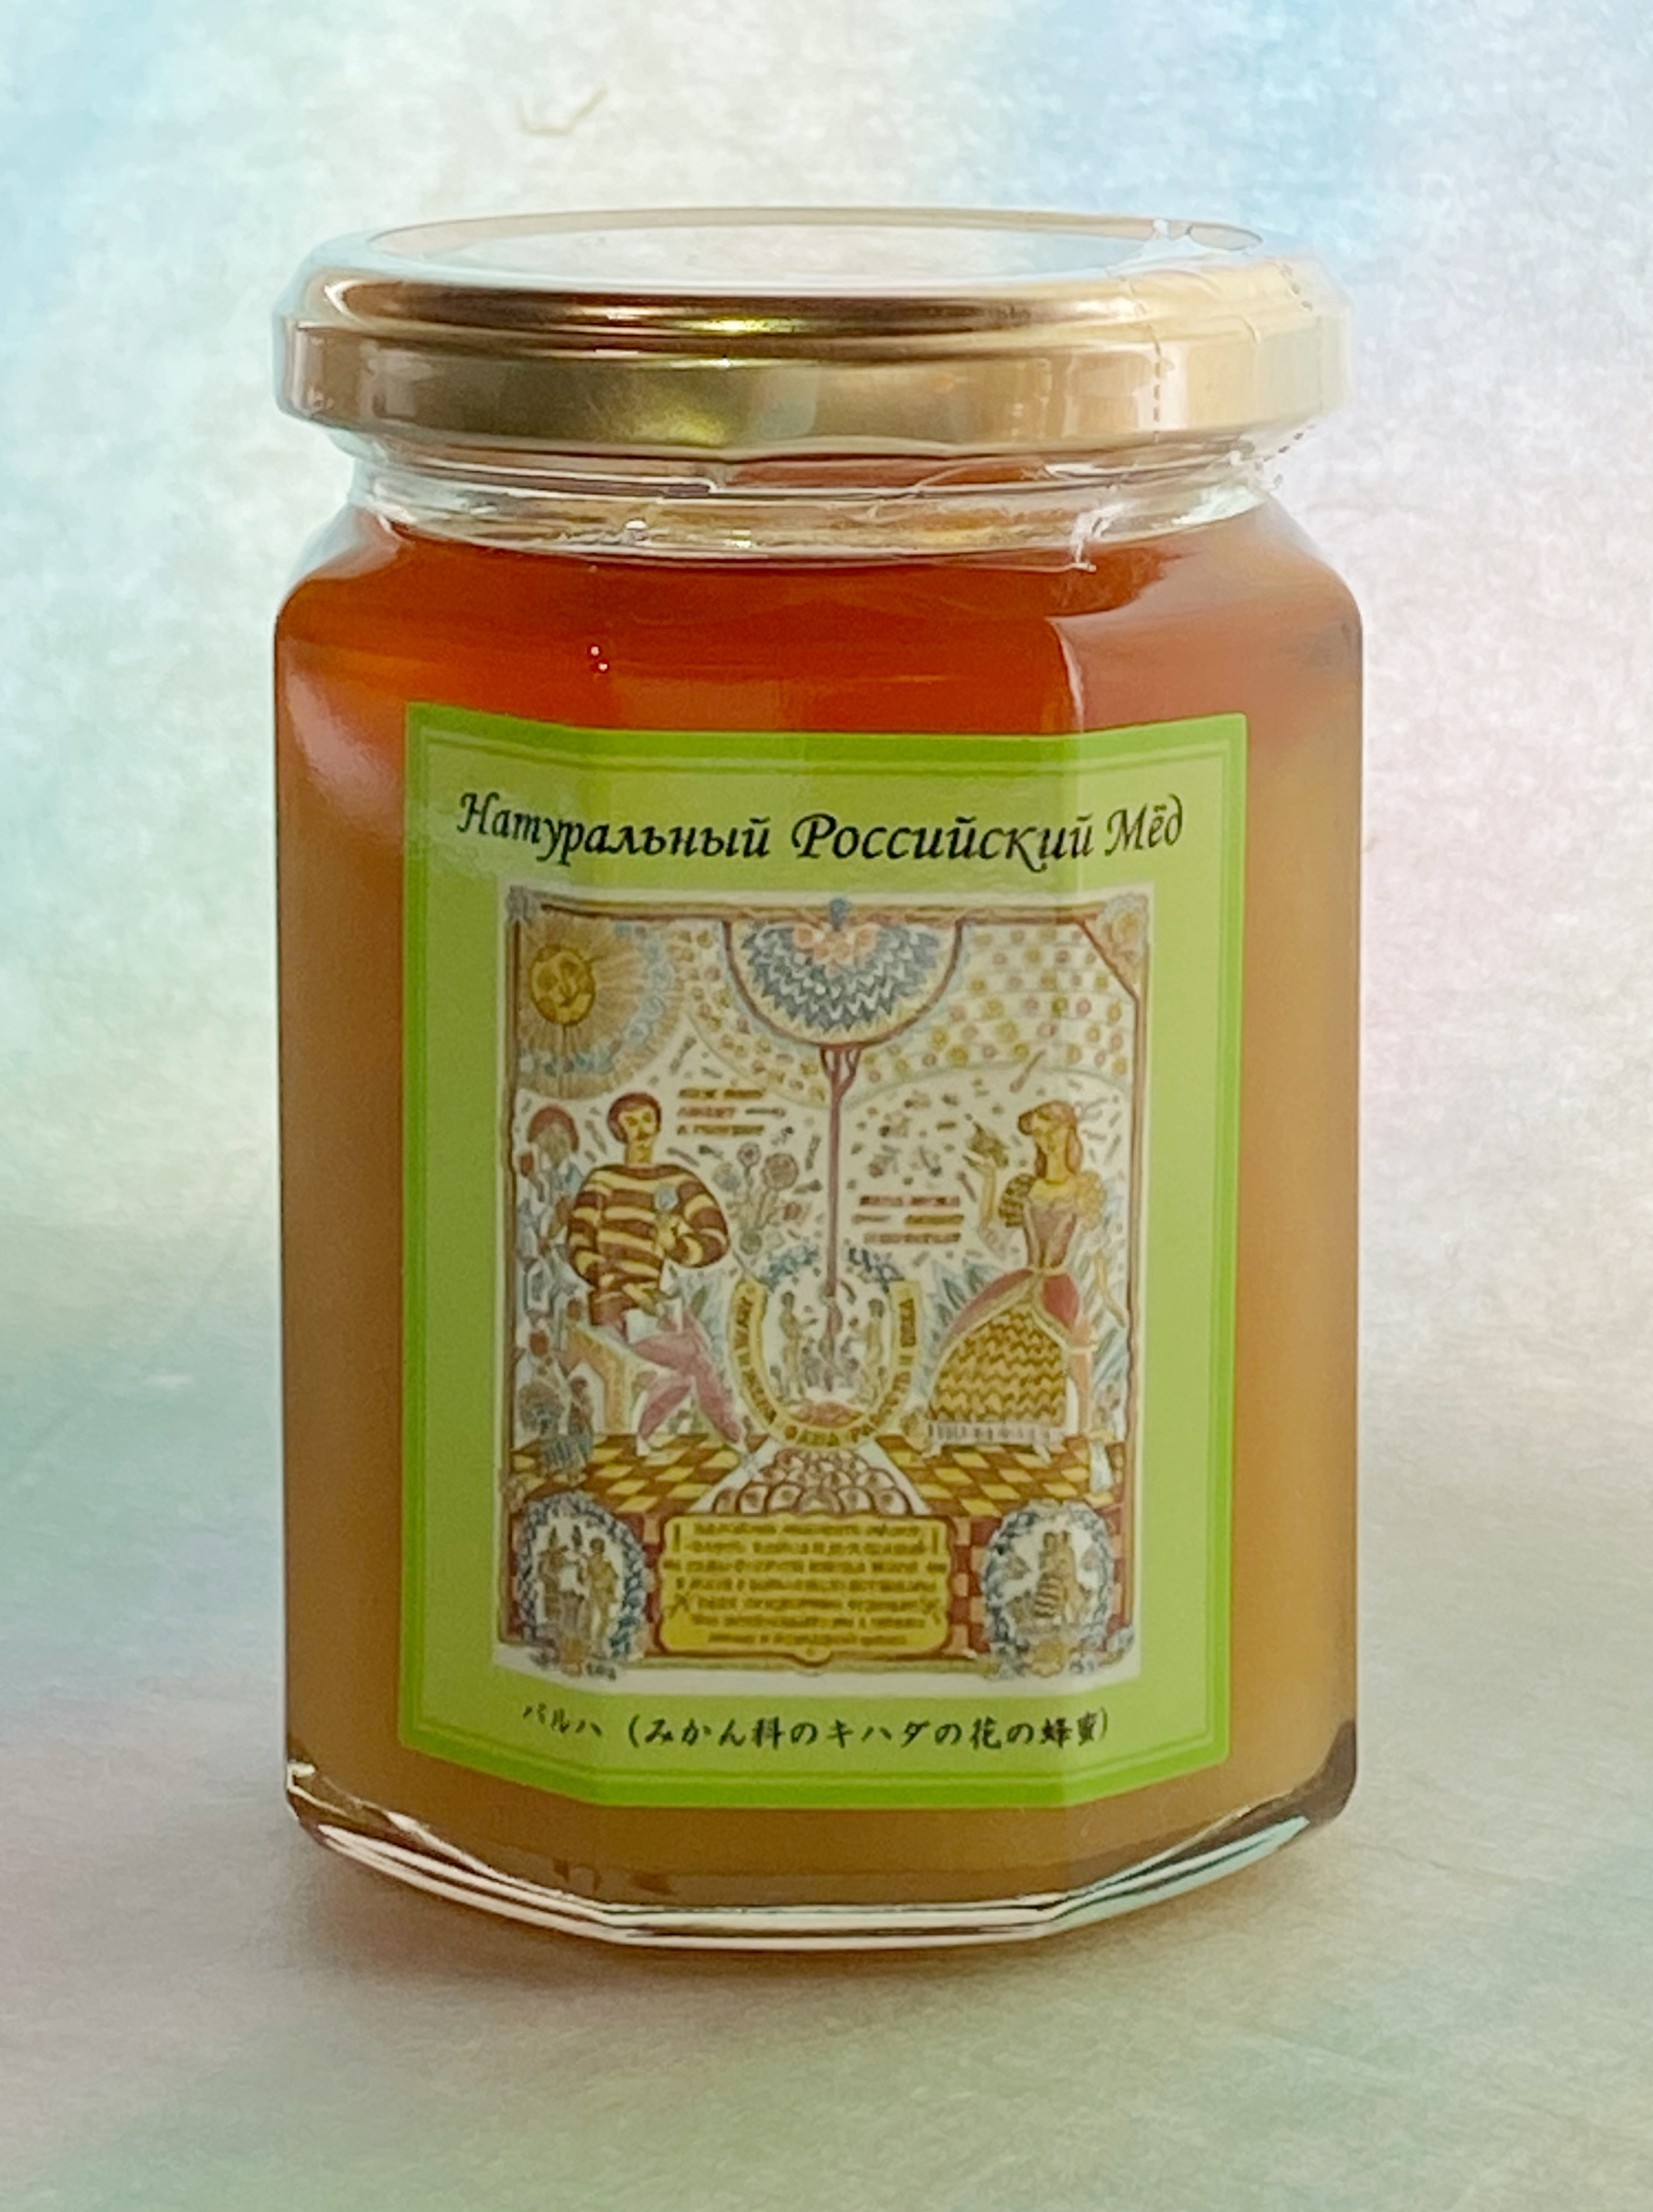 バルハ(キハダの花の蜂蜜 300g)